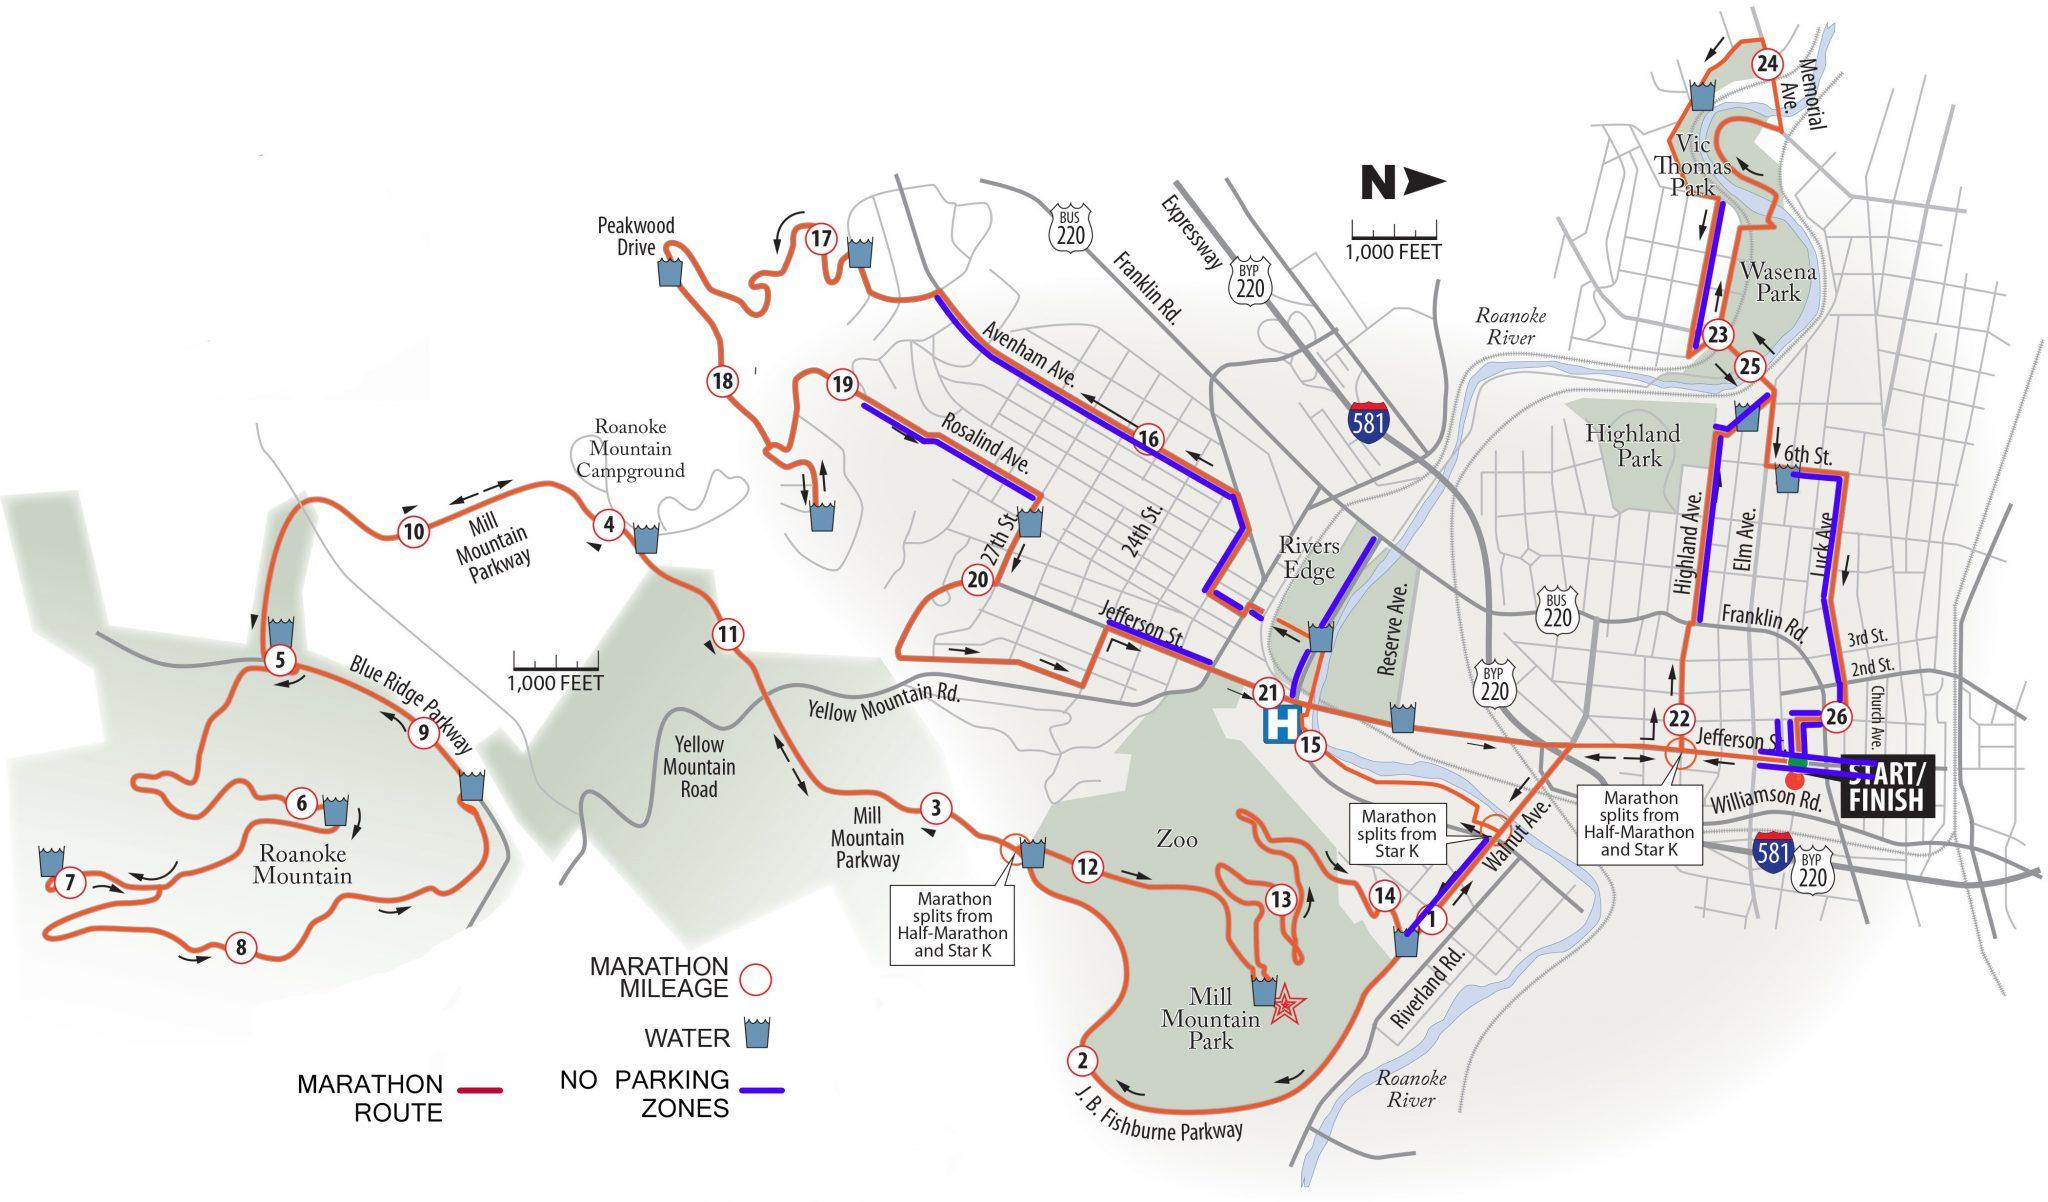 Road Closures Postcard Map